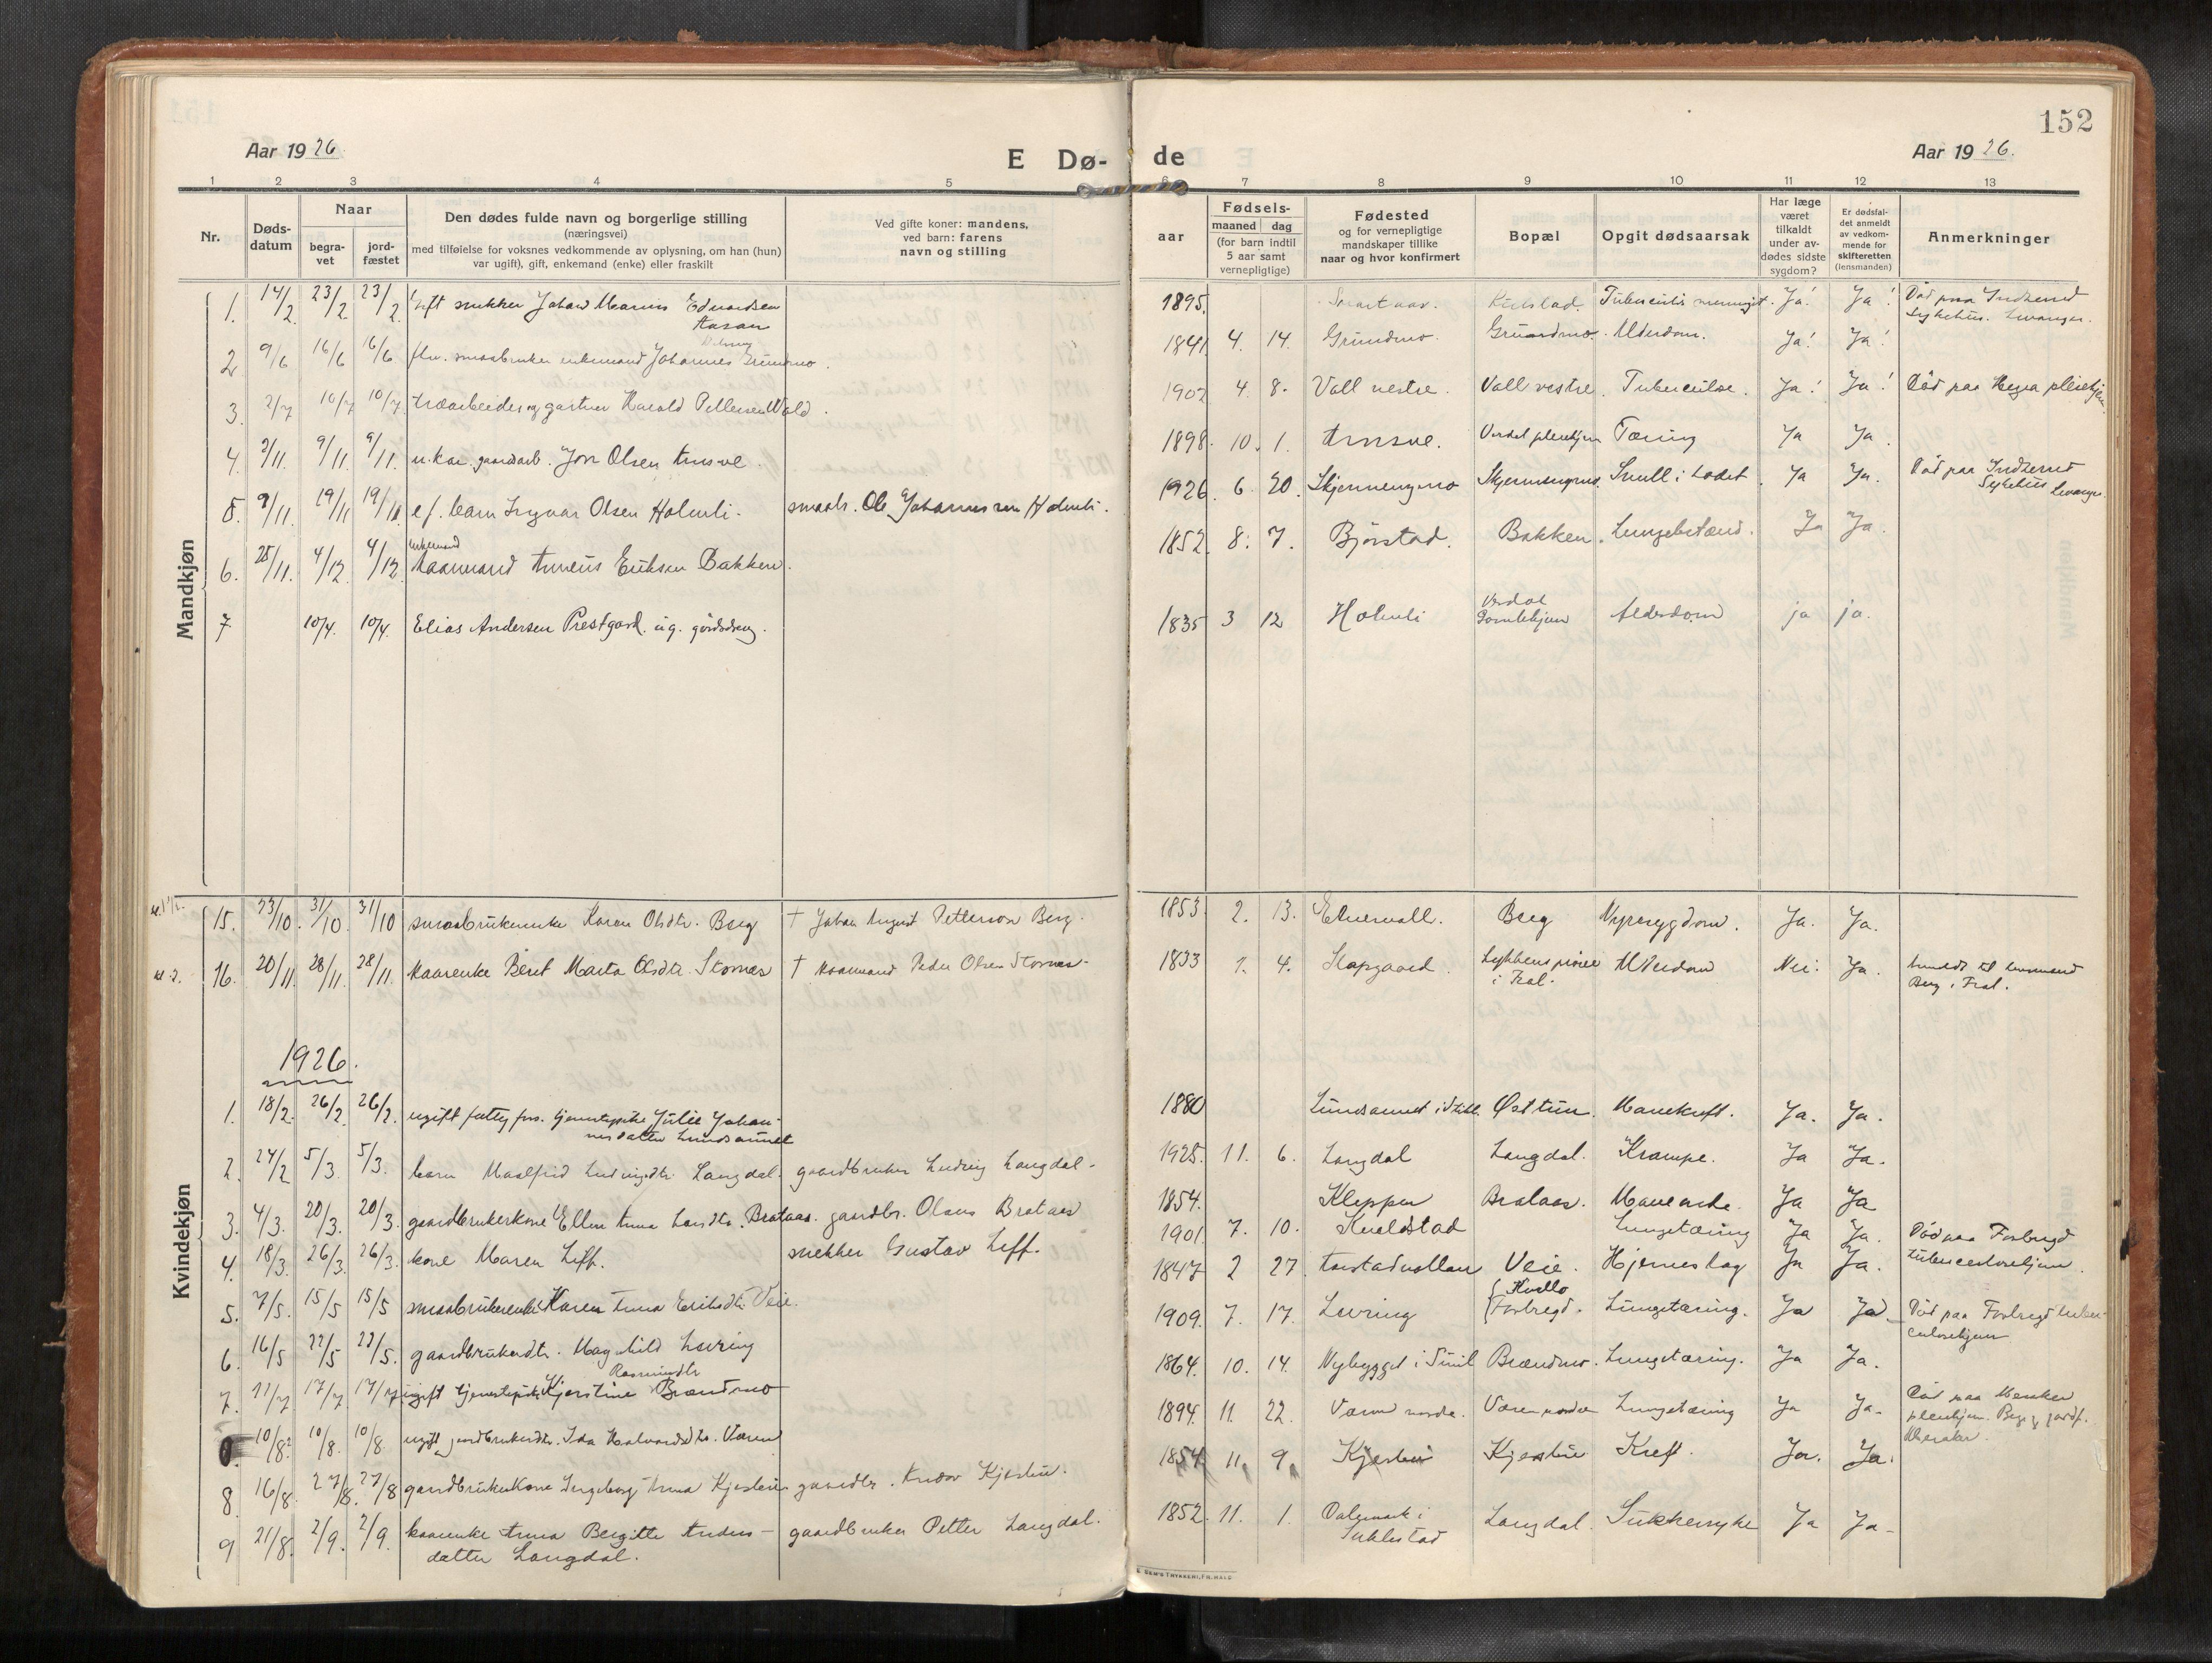 SAT, Verdal sokneprestkontor*, Ministerialbok nr. 1, 1916-1928, s. 152